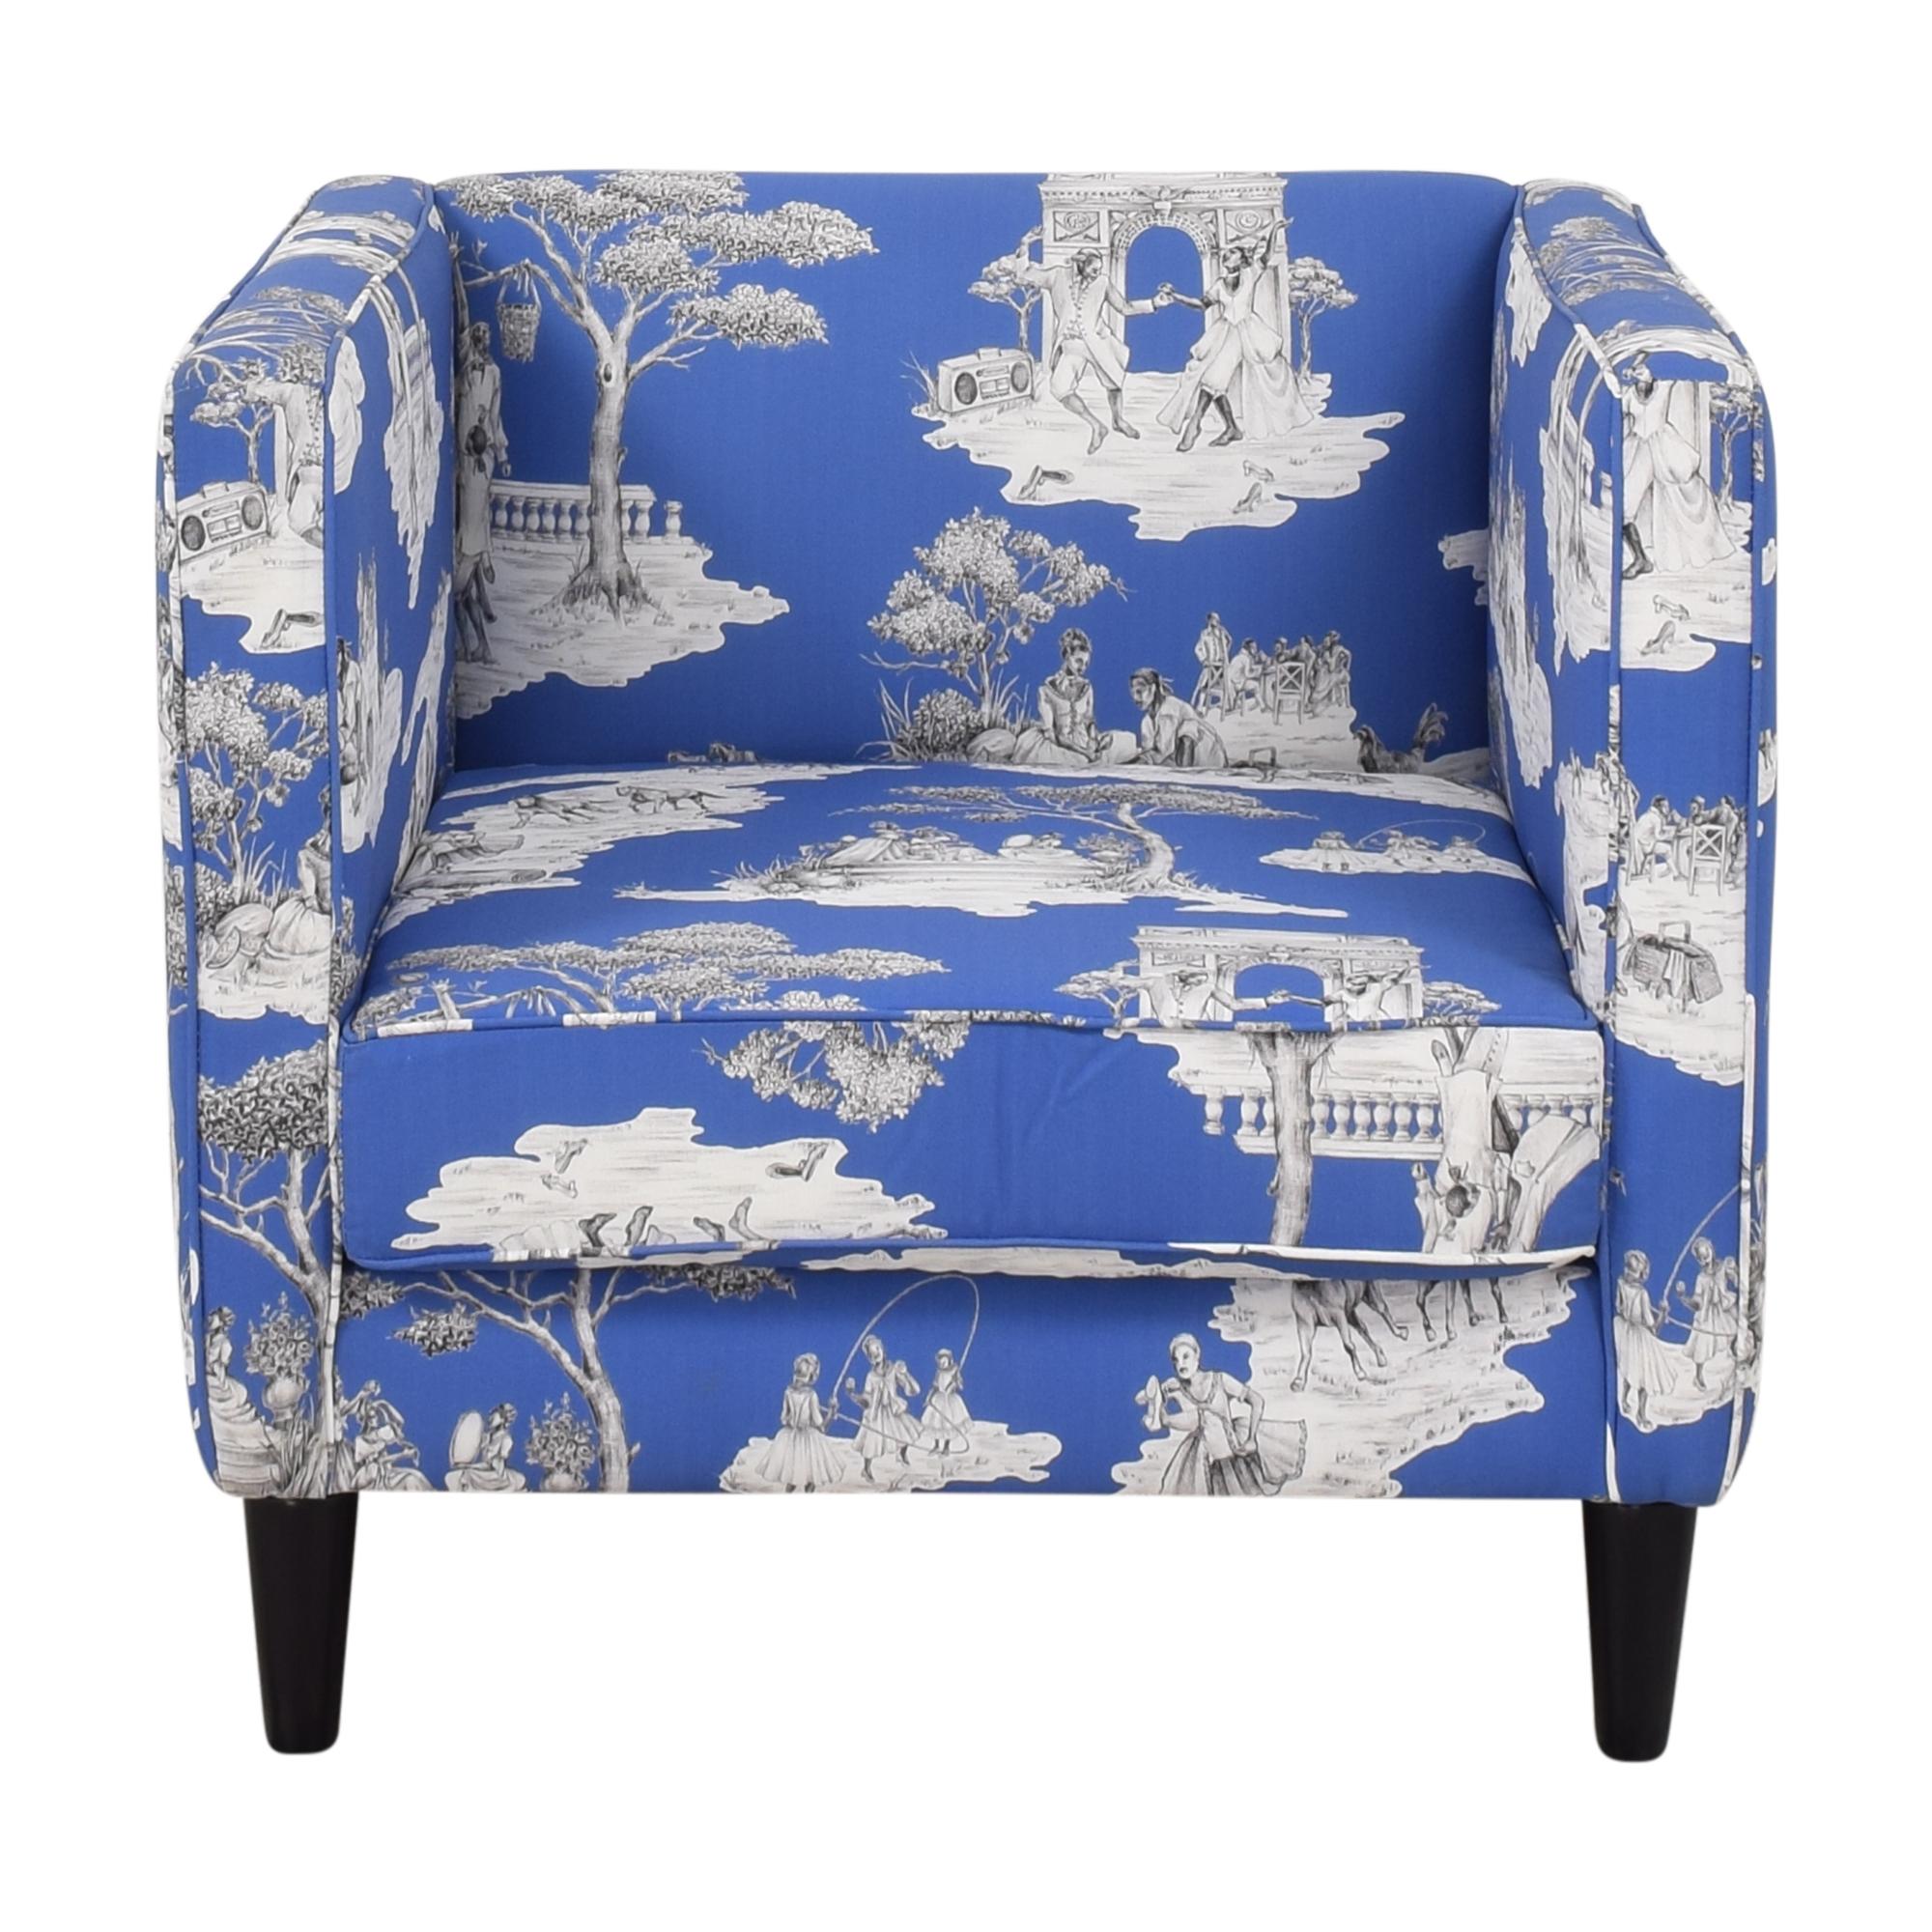 The Inside The Inside Paris Blues Harlem Toile de Jouy Tuxedo Chair dimensions